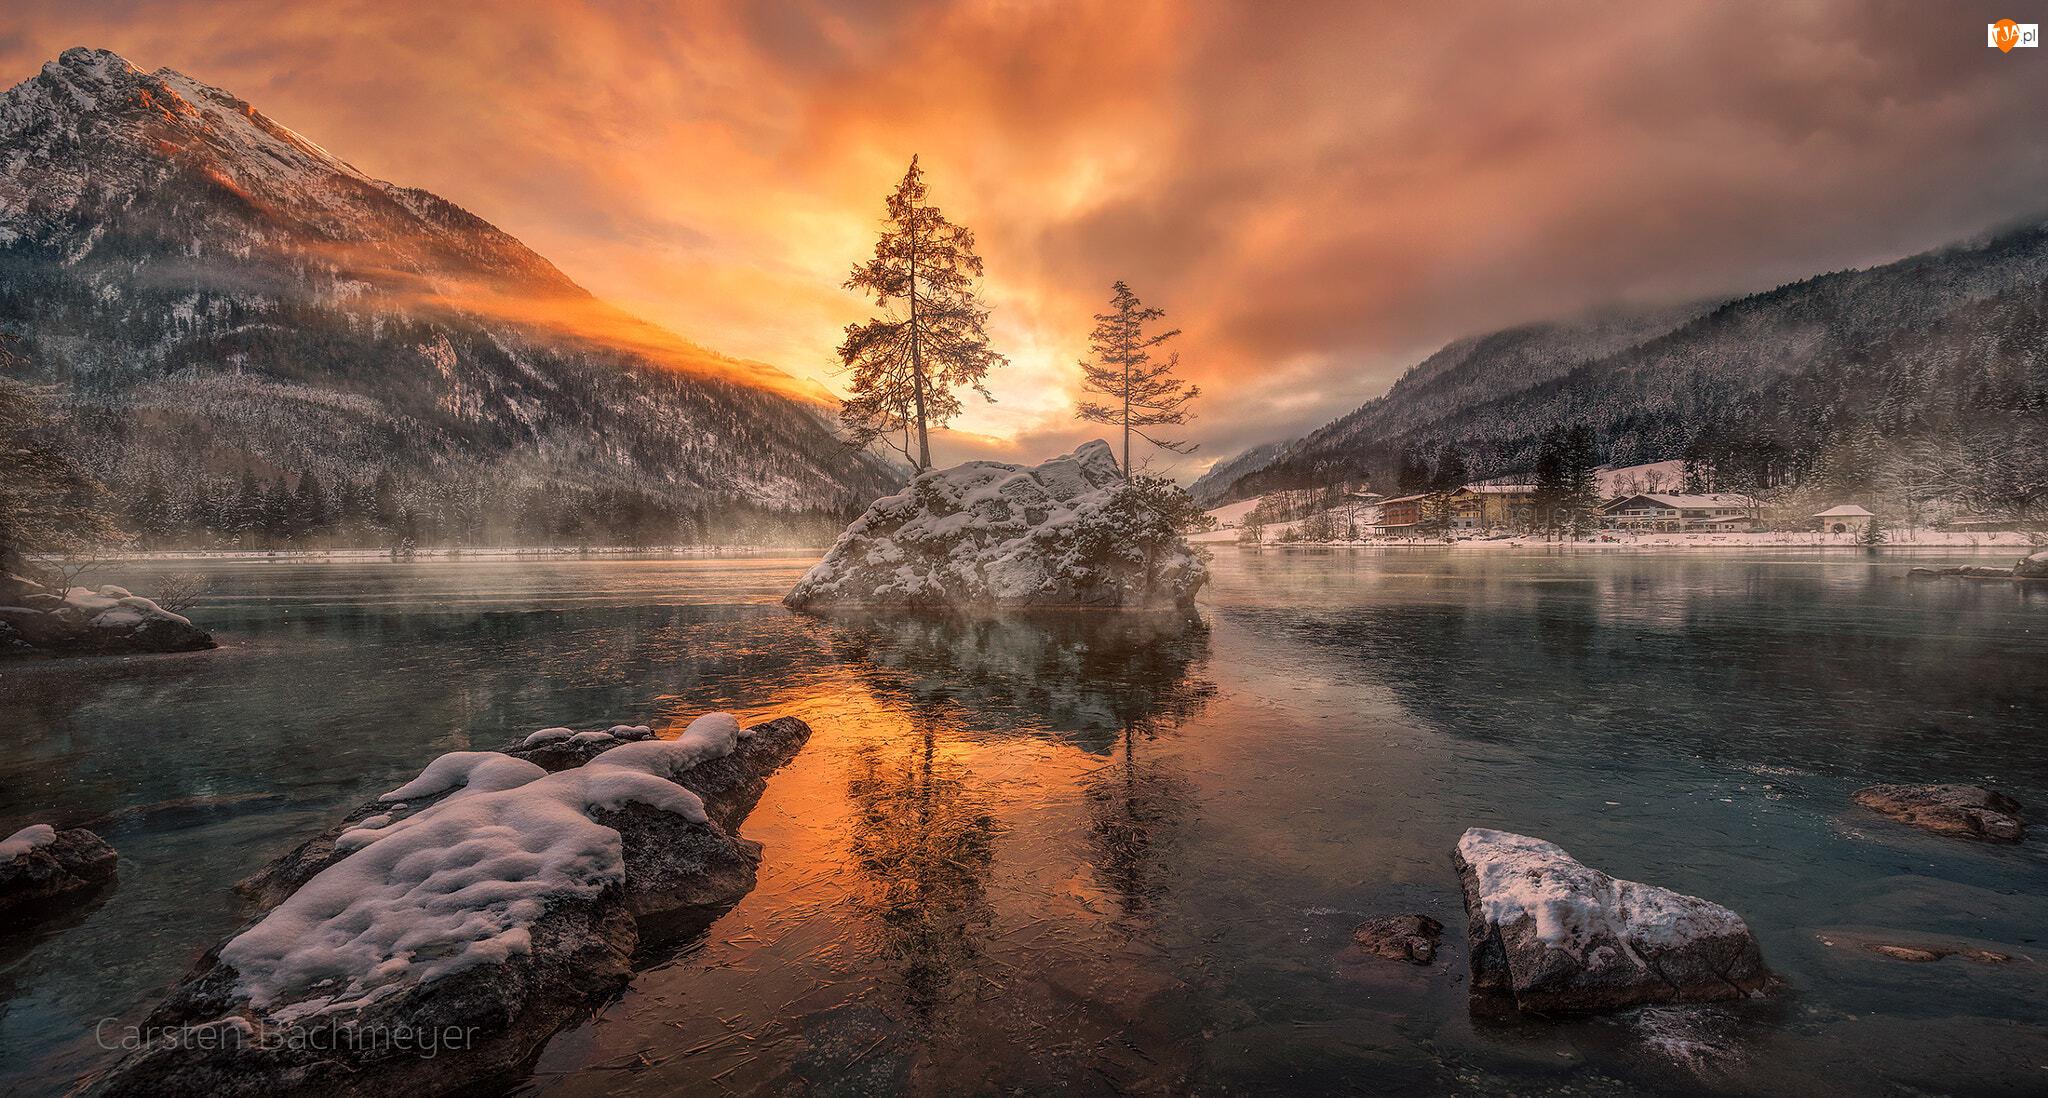 Niemcy, Kamienie, Gmina Berchtesgadener, Skały, Jezioro Hintersee, Zima, Góry Alpy, Zachód słońca, Drzewa, Bawaria